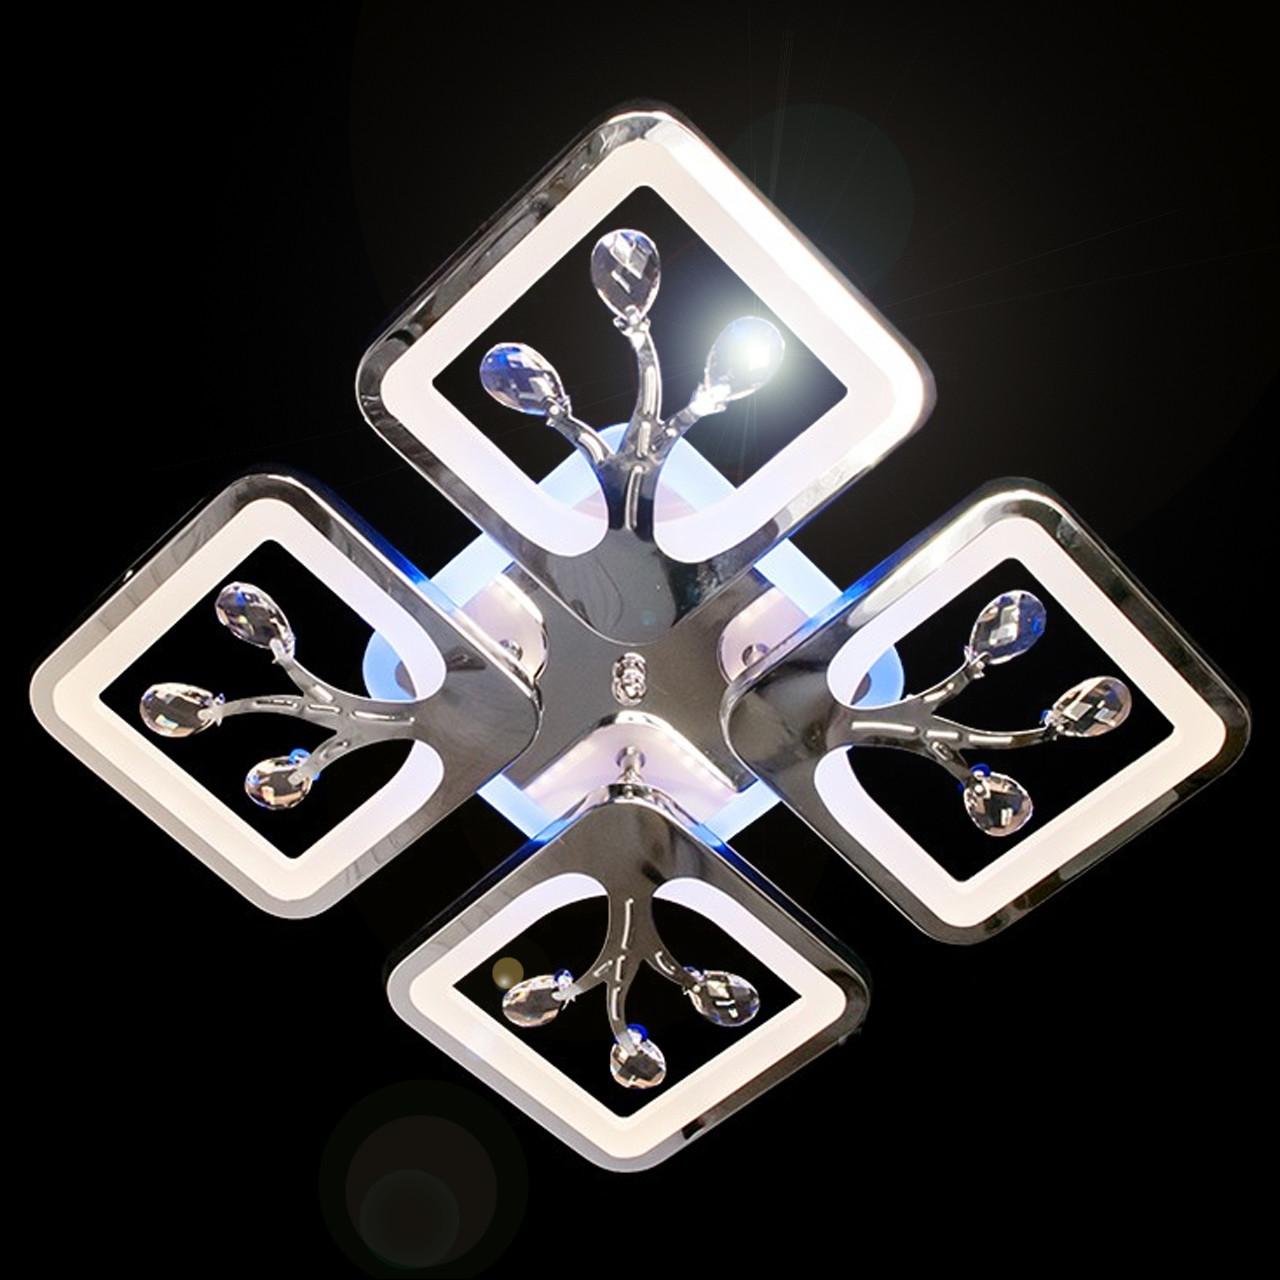 Хромированная светодиодная люстра квадраты 85 Вт с лед подсветкой и диммером D-S9068/4HR LED